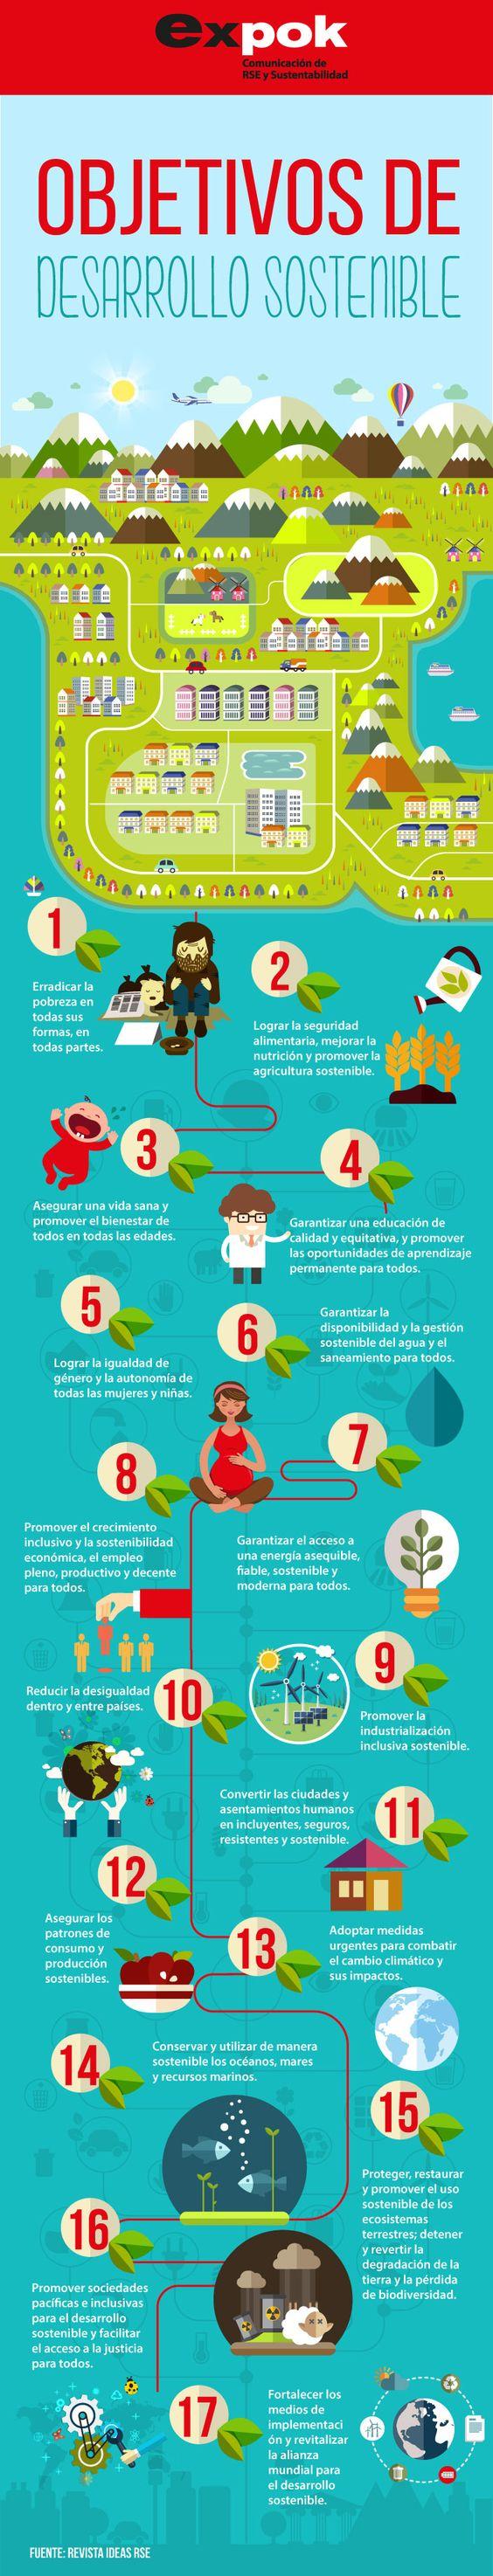 Las 17 metas que sustituirán a los Objetivos de Desarrollo del Milenio http://www.expoknews.com/las-17-metas-que-sustituiran-a-los-objetivos-de-desarrollo-del-milenio/: